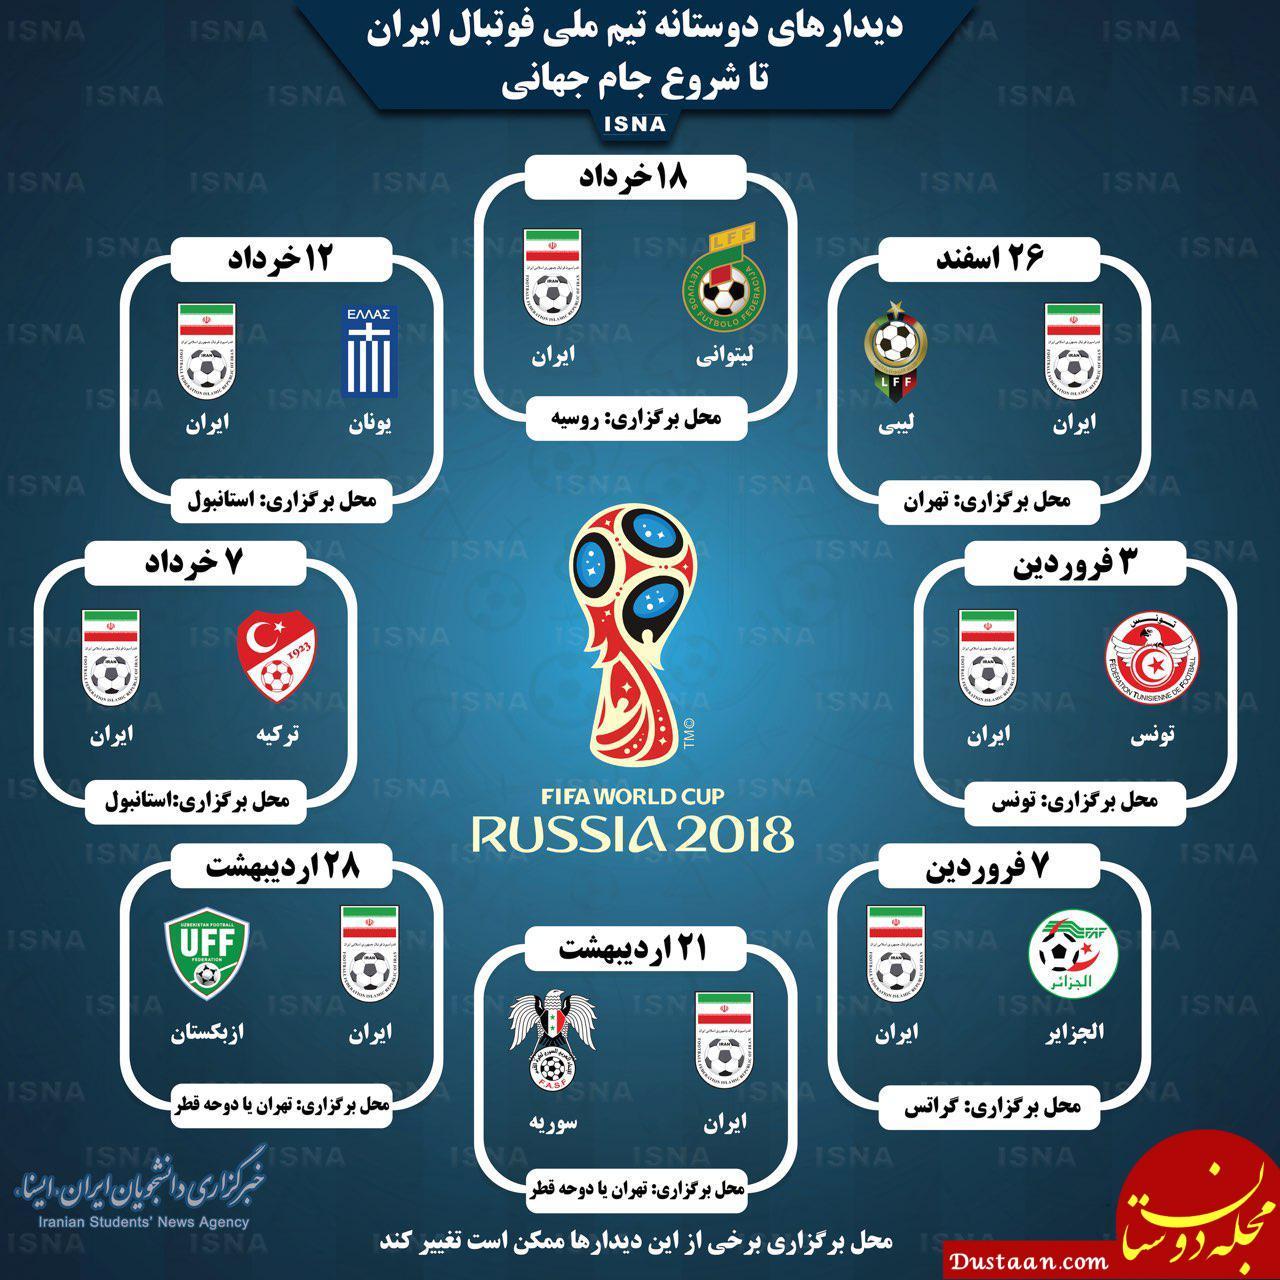 www.dustaan.com بازیهای دوستانه تیم ملی فوتبال ایران در یک نگاه +عکس